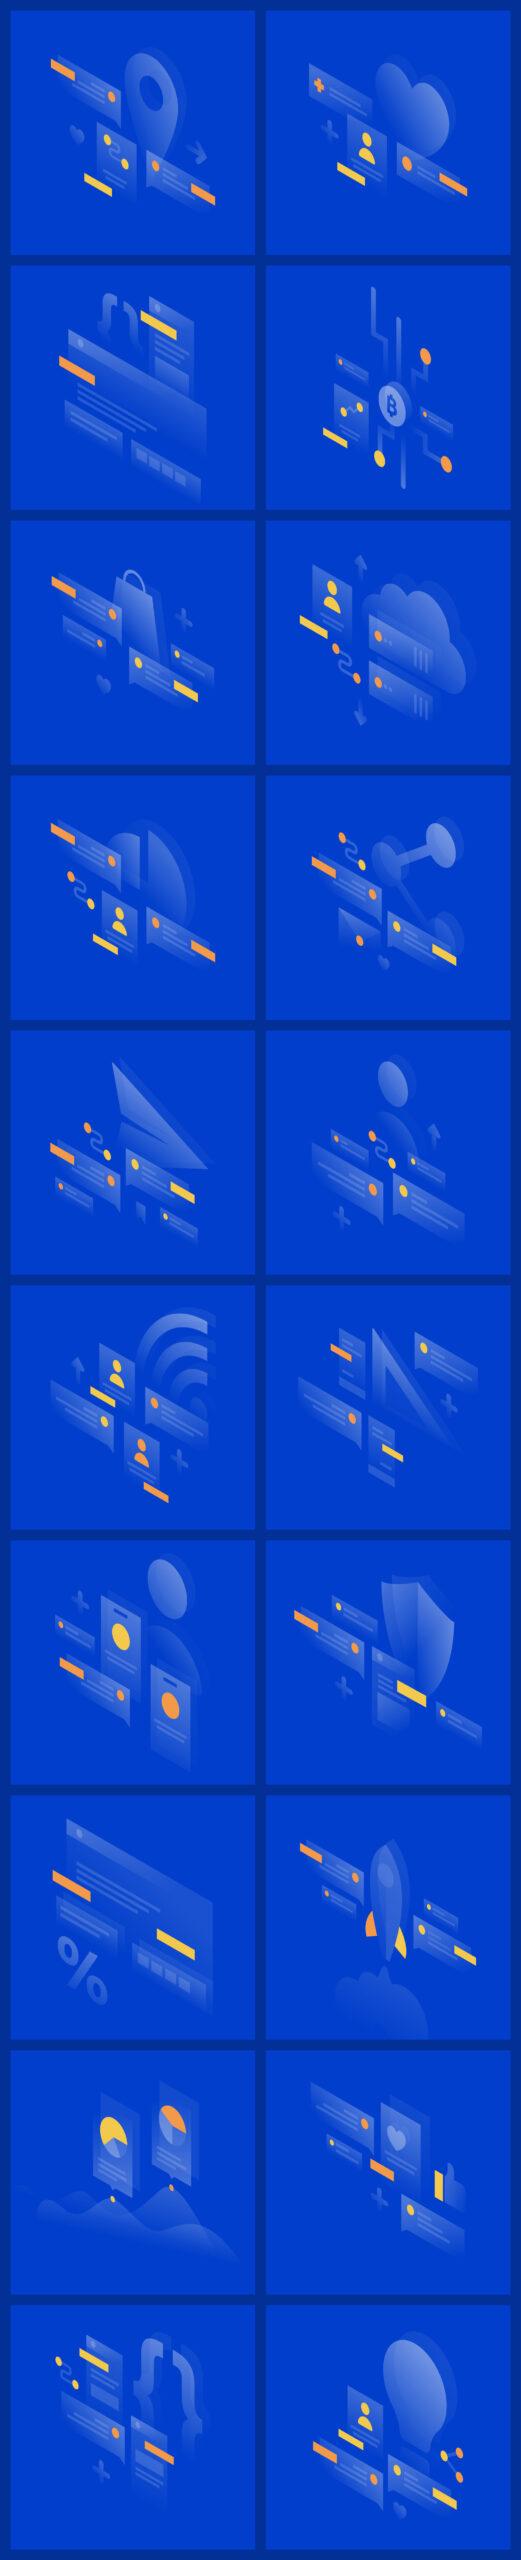 Lucid免费UI设计插画插图